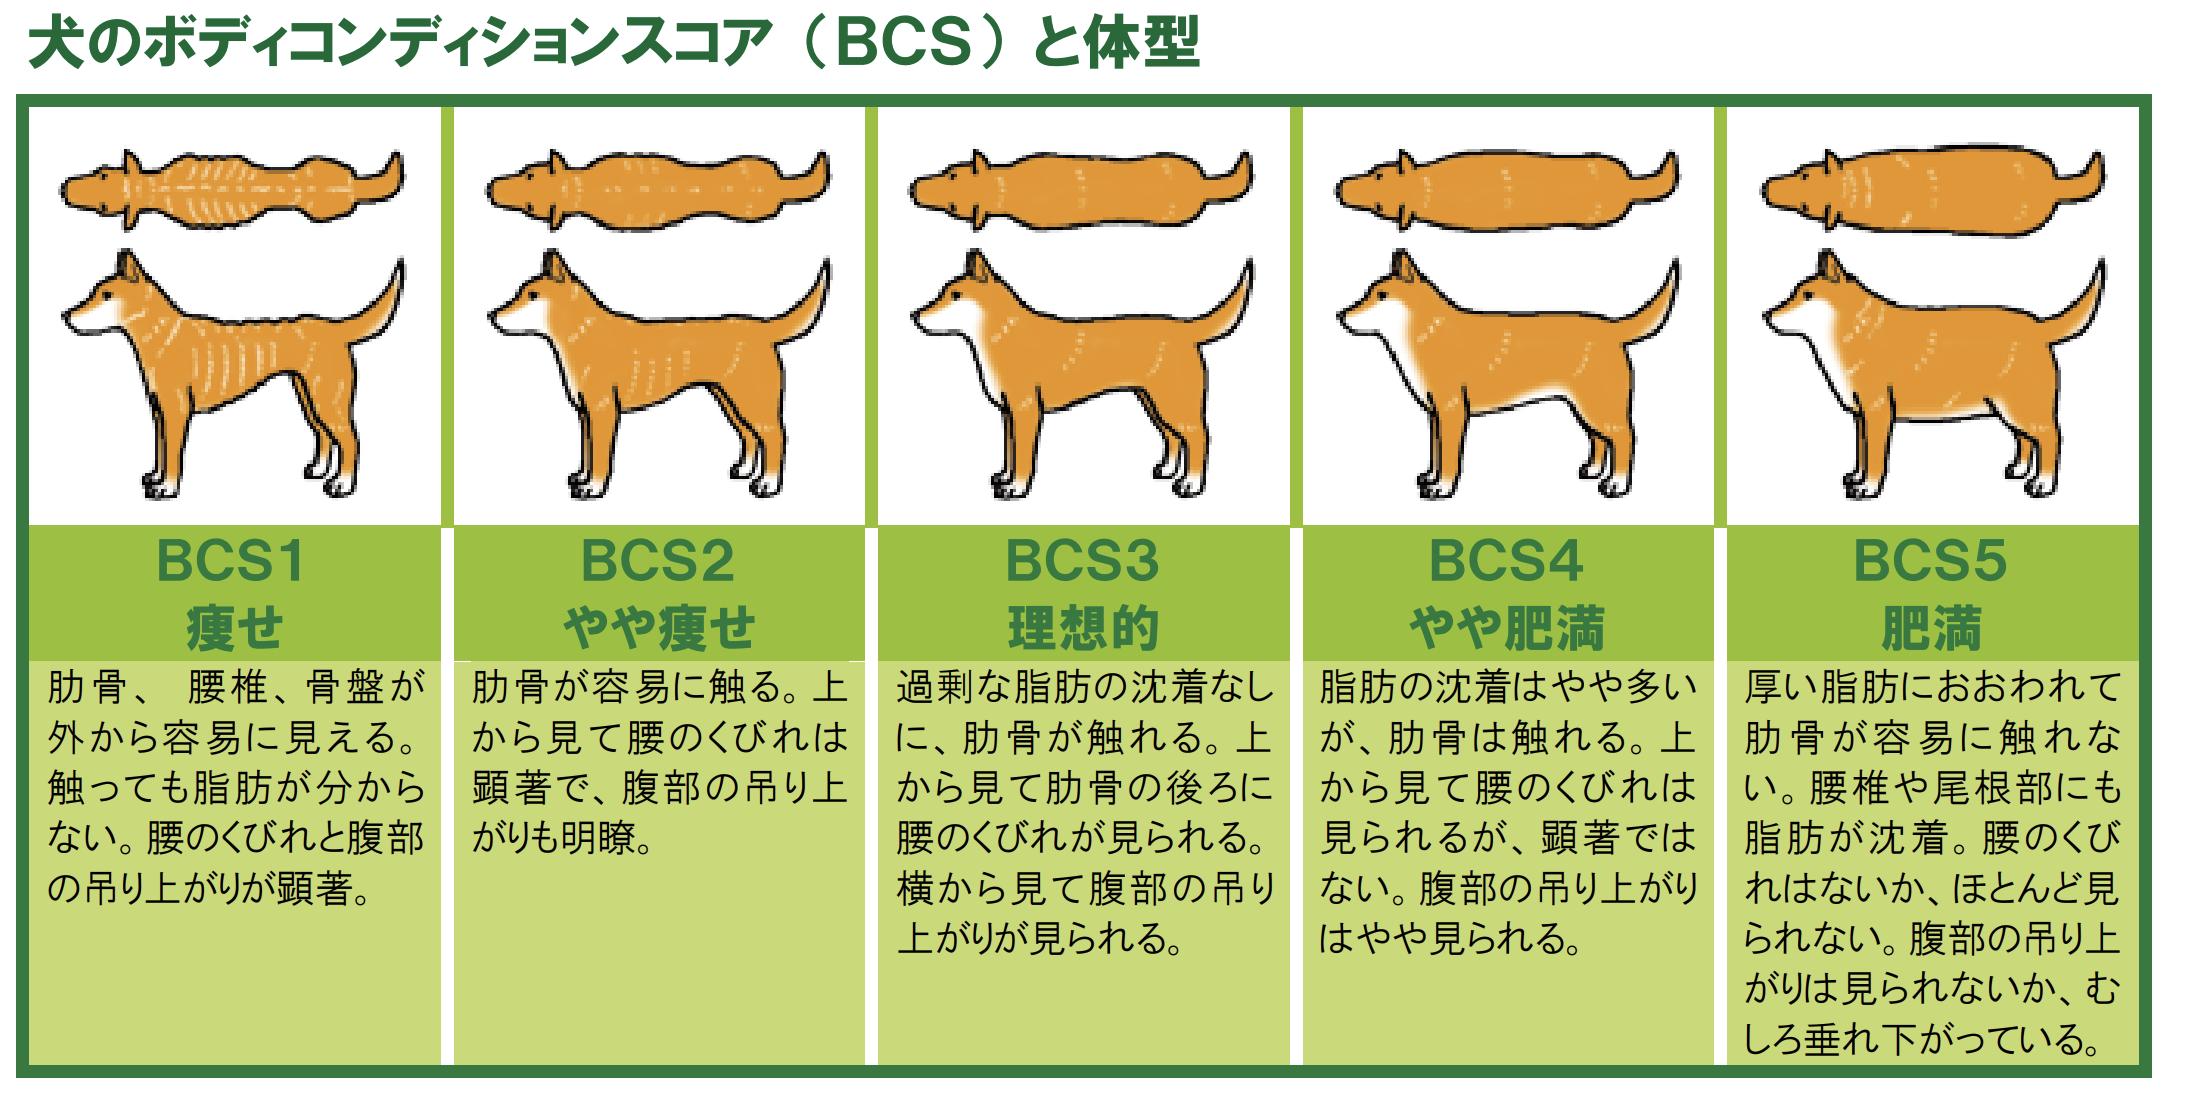 犬 肥満 ボディコンディション